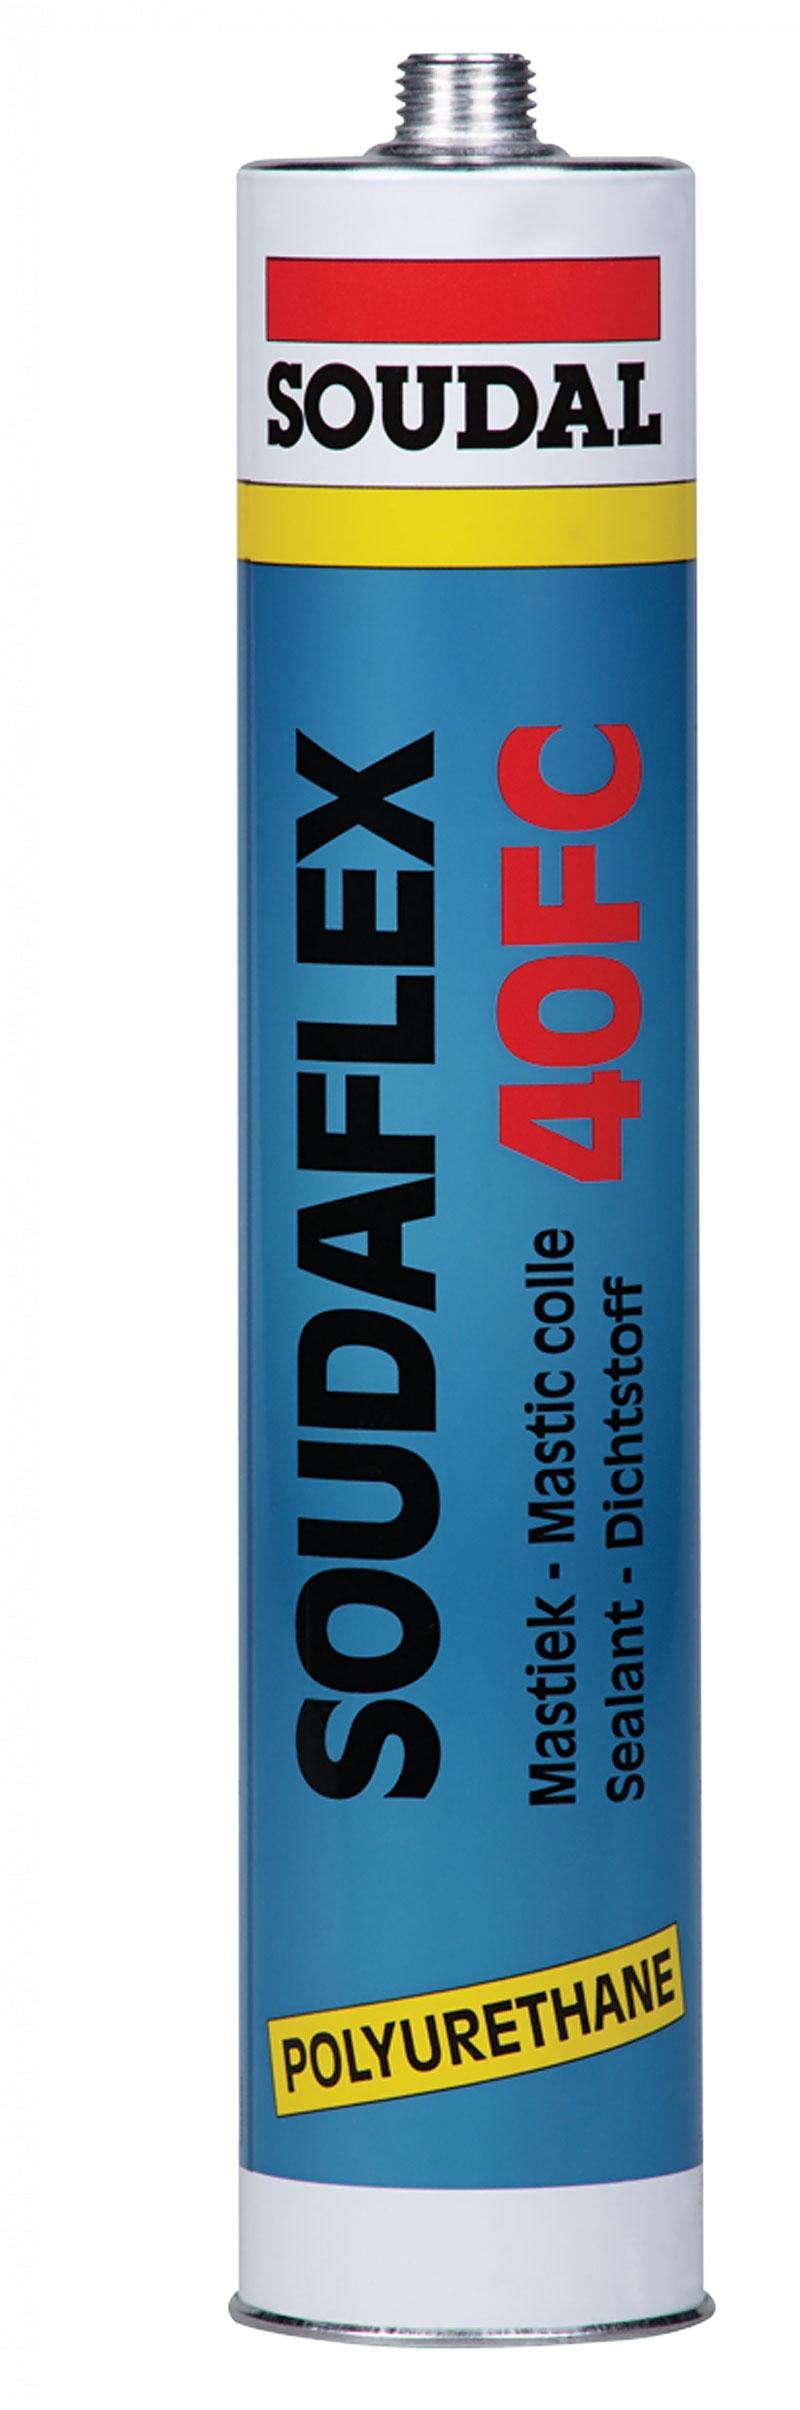 Soudal Soudaflex 40 FC, 600 мл, Герметик полиуретановый коричневый фото